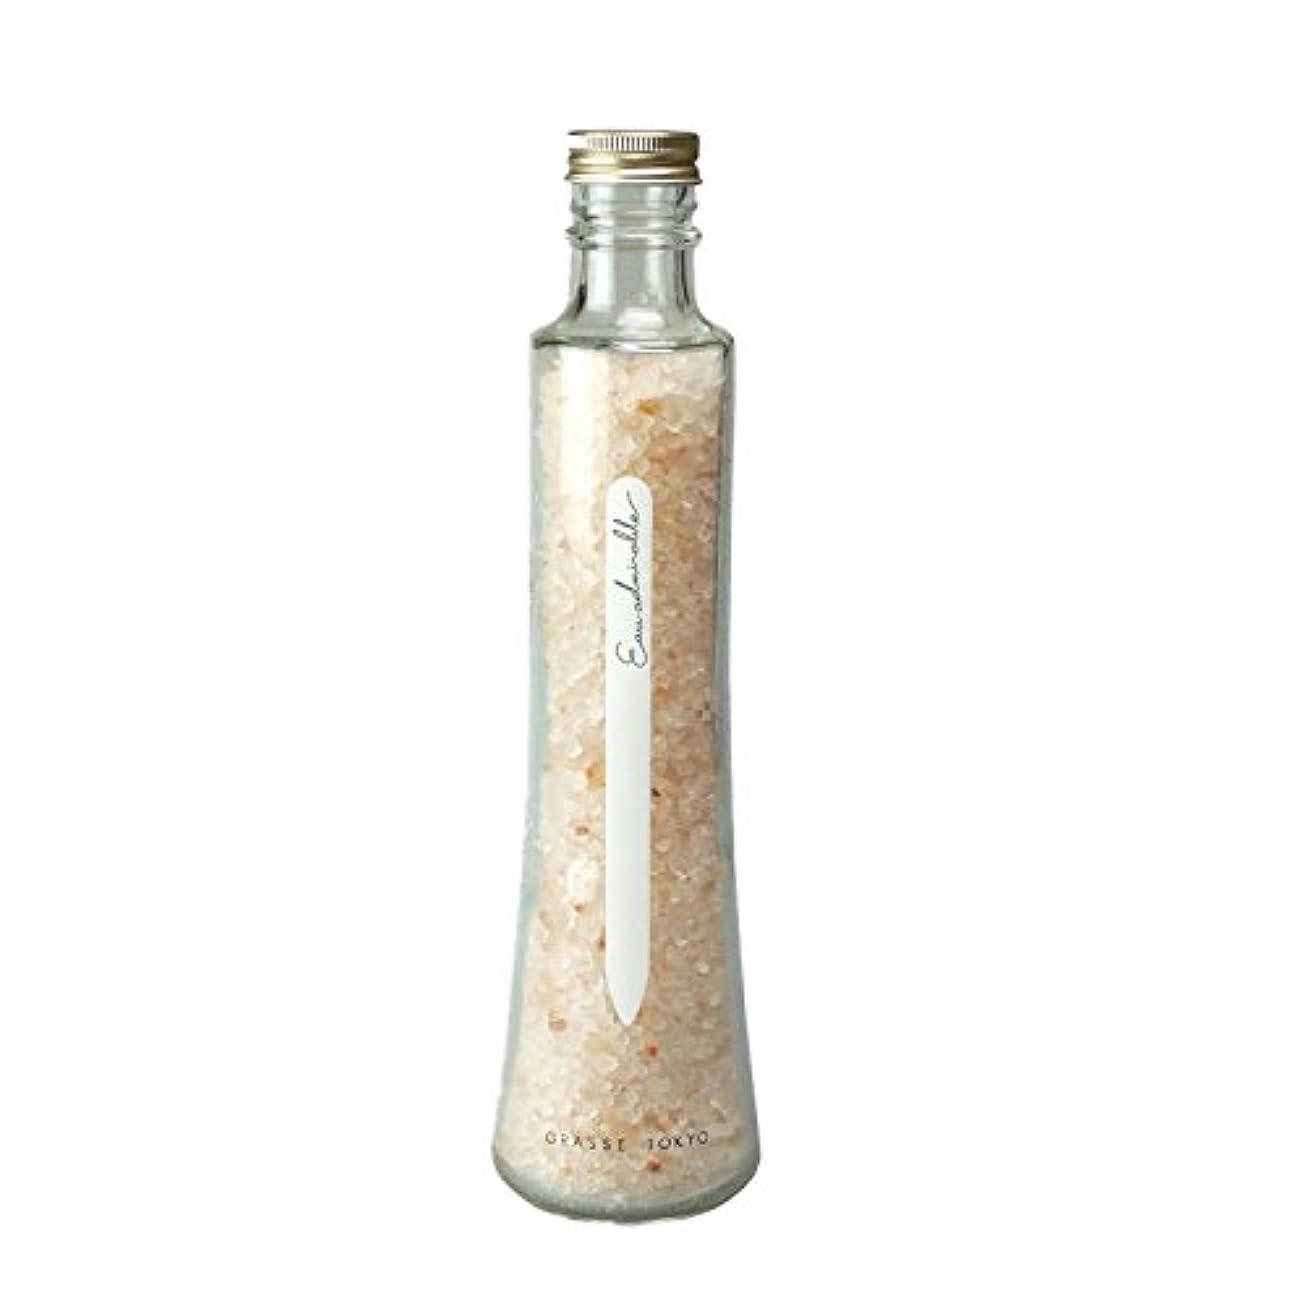 マントルどこでもパドルグラーストウキョウ フレグランスソルト(浴用、12回分ボトル) Eau admirable 360g